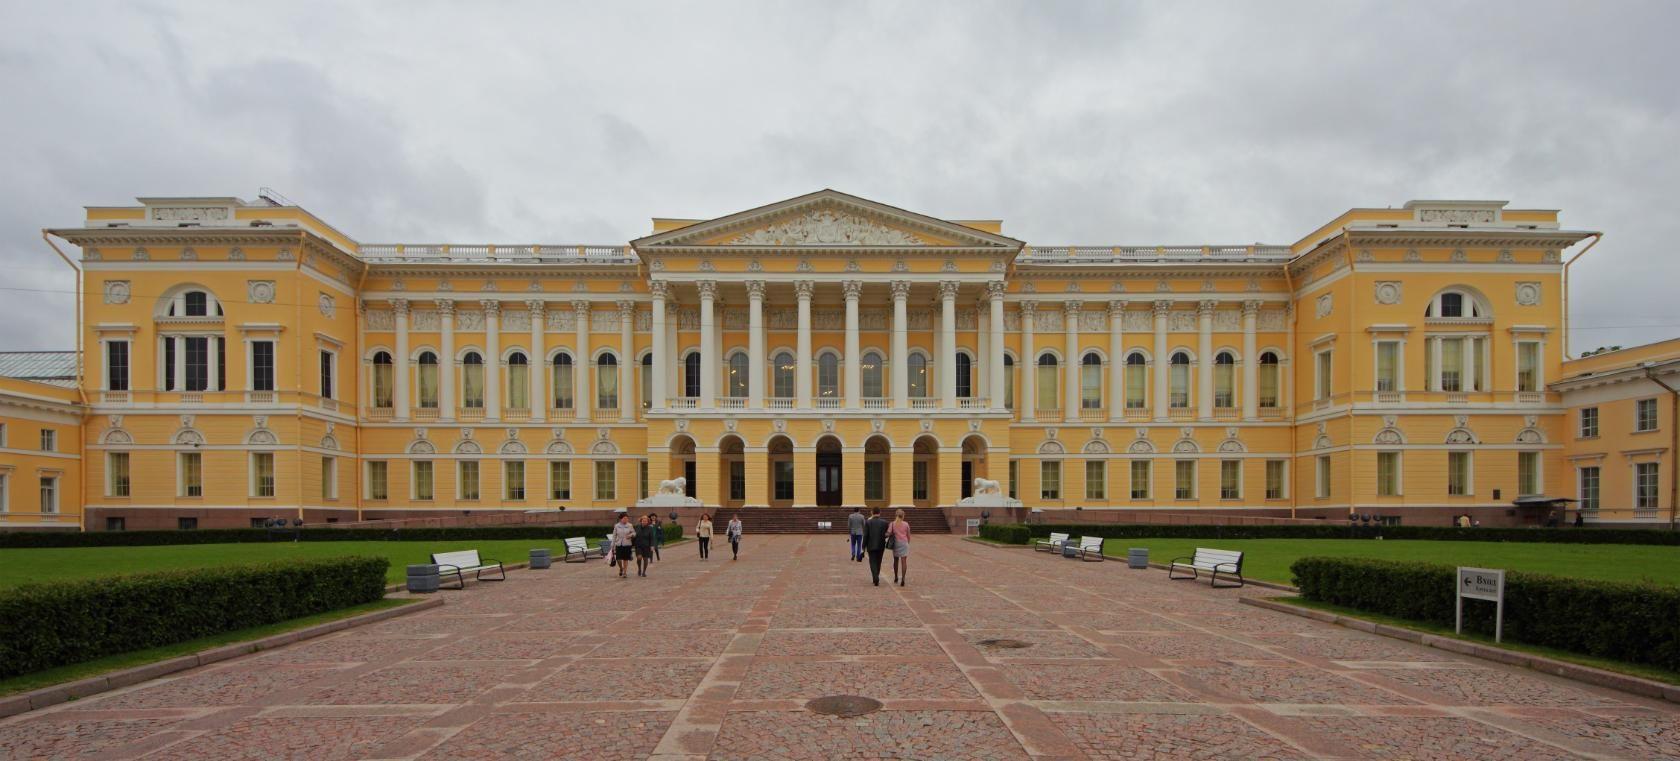 просто день фото михайловского дворца должен